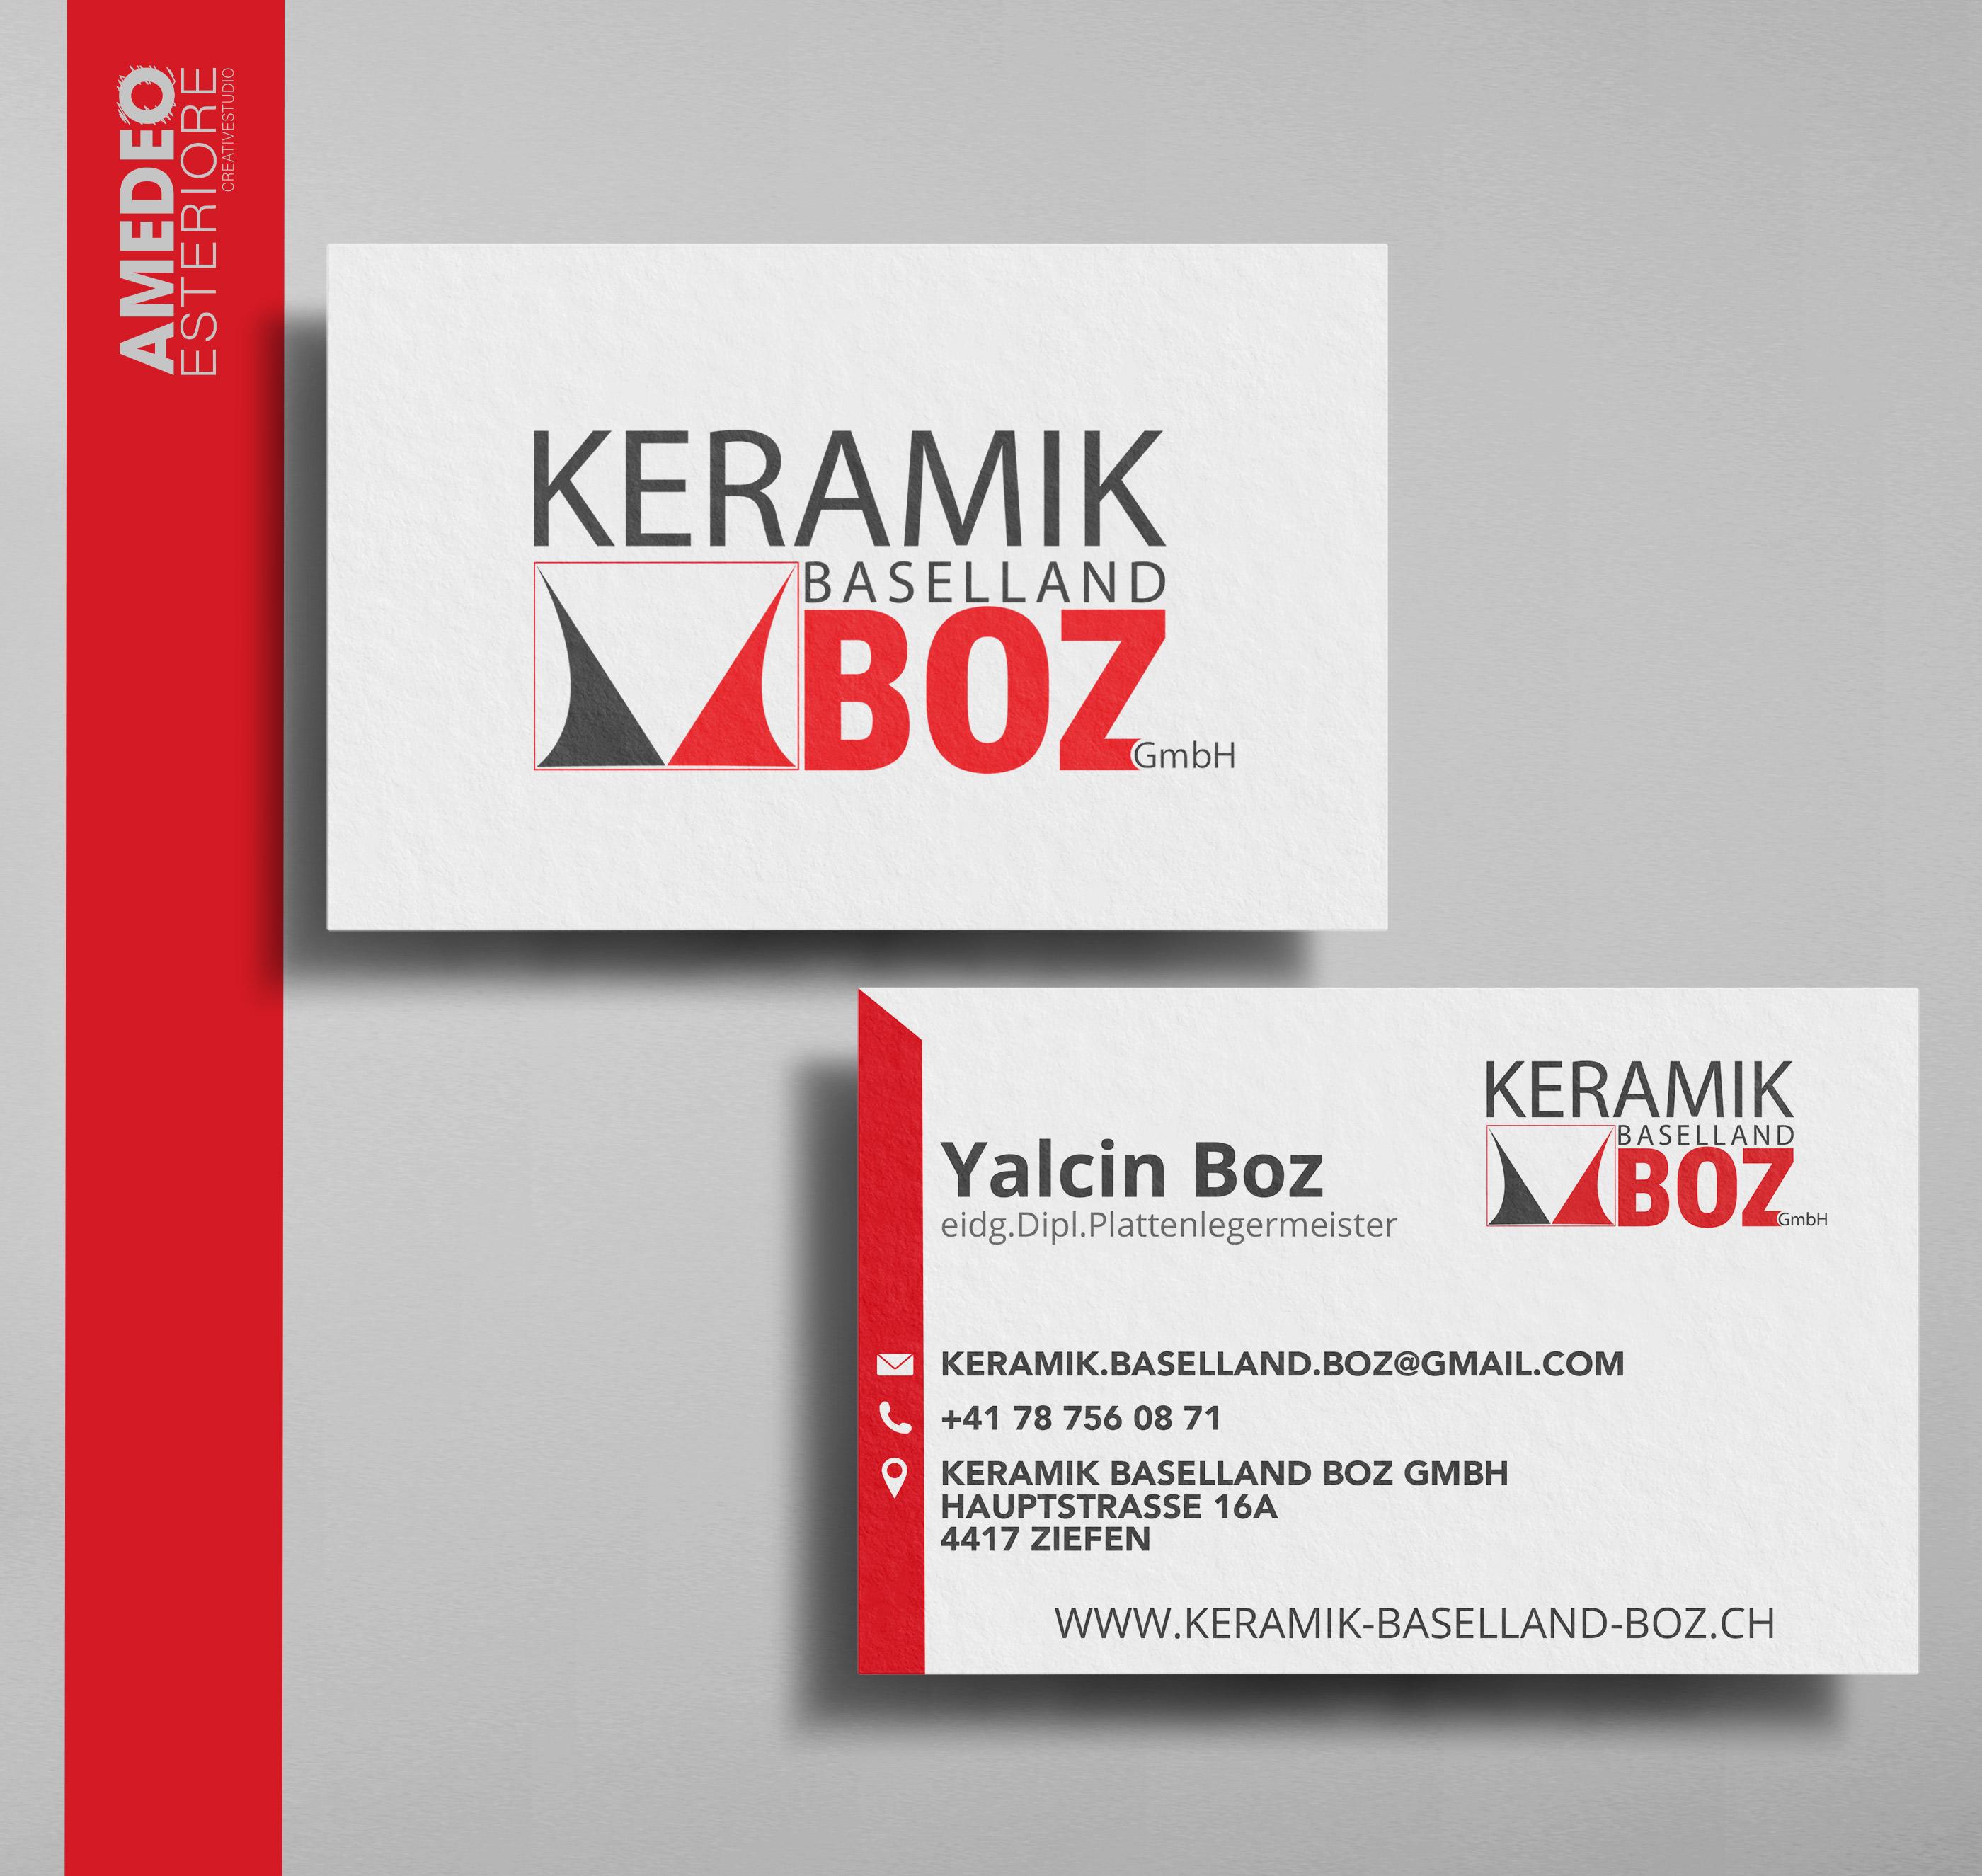 KERAMIK BASELLAND BOZ GmbH